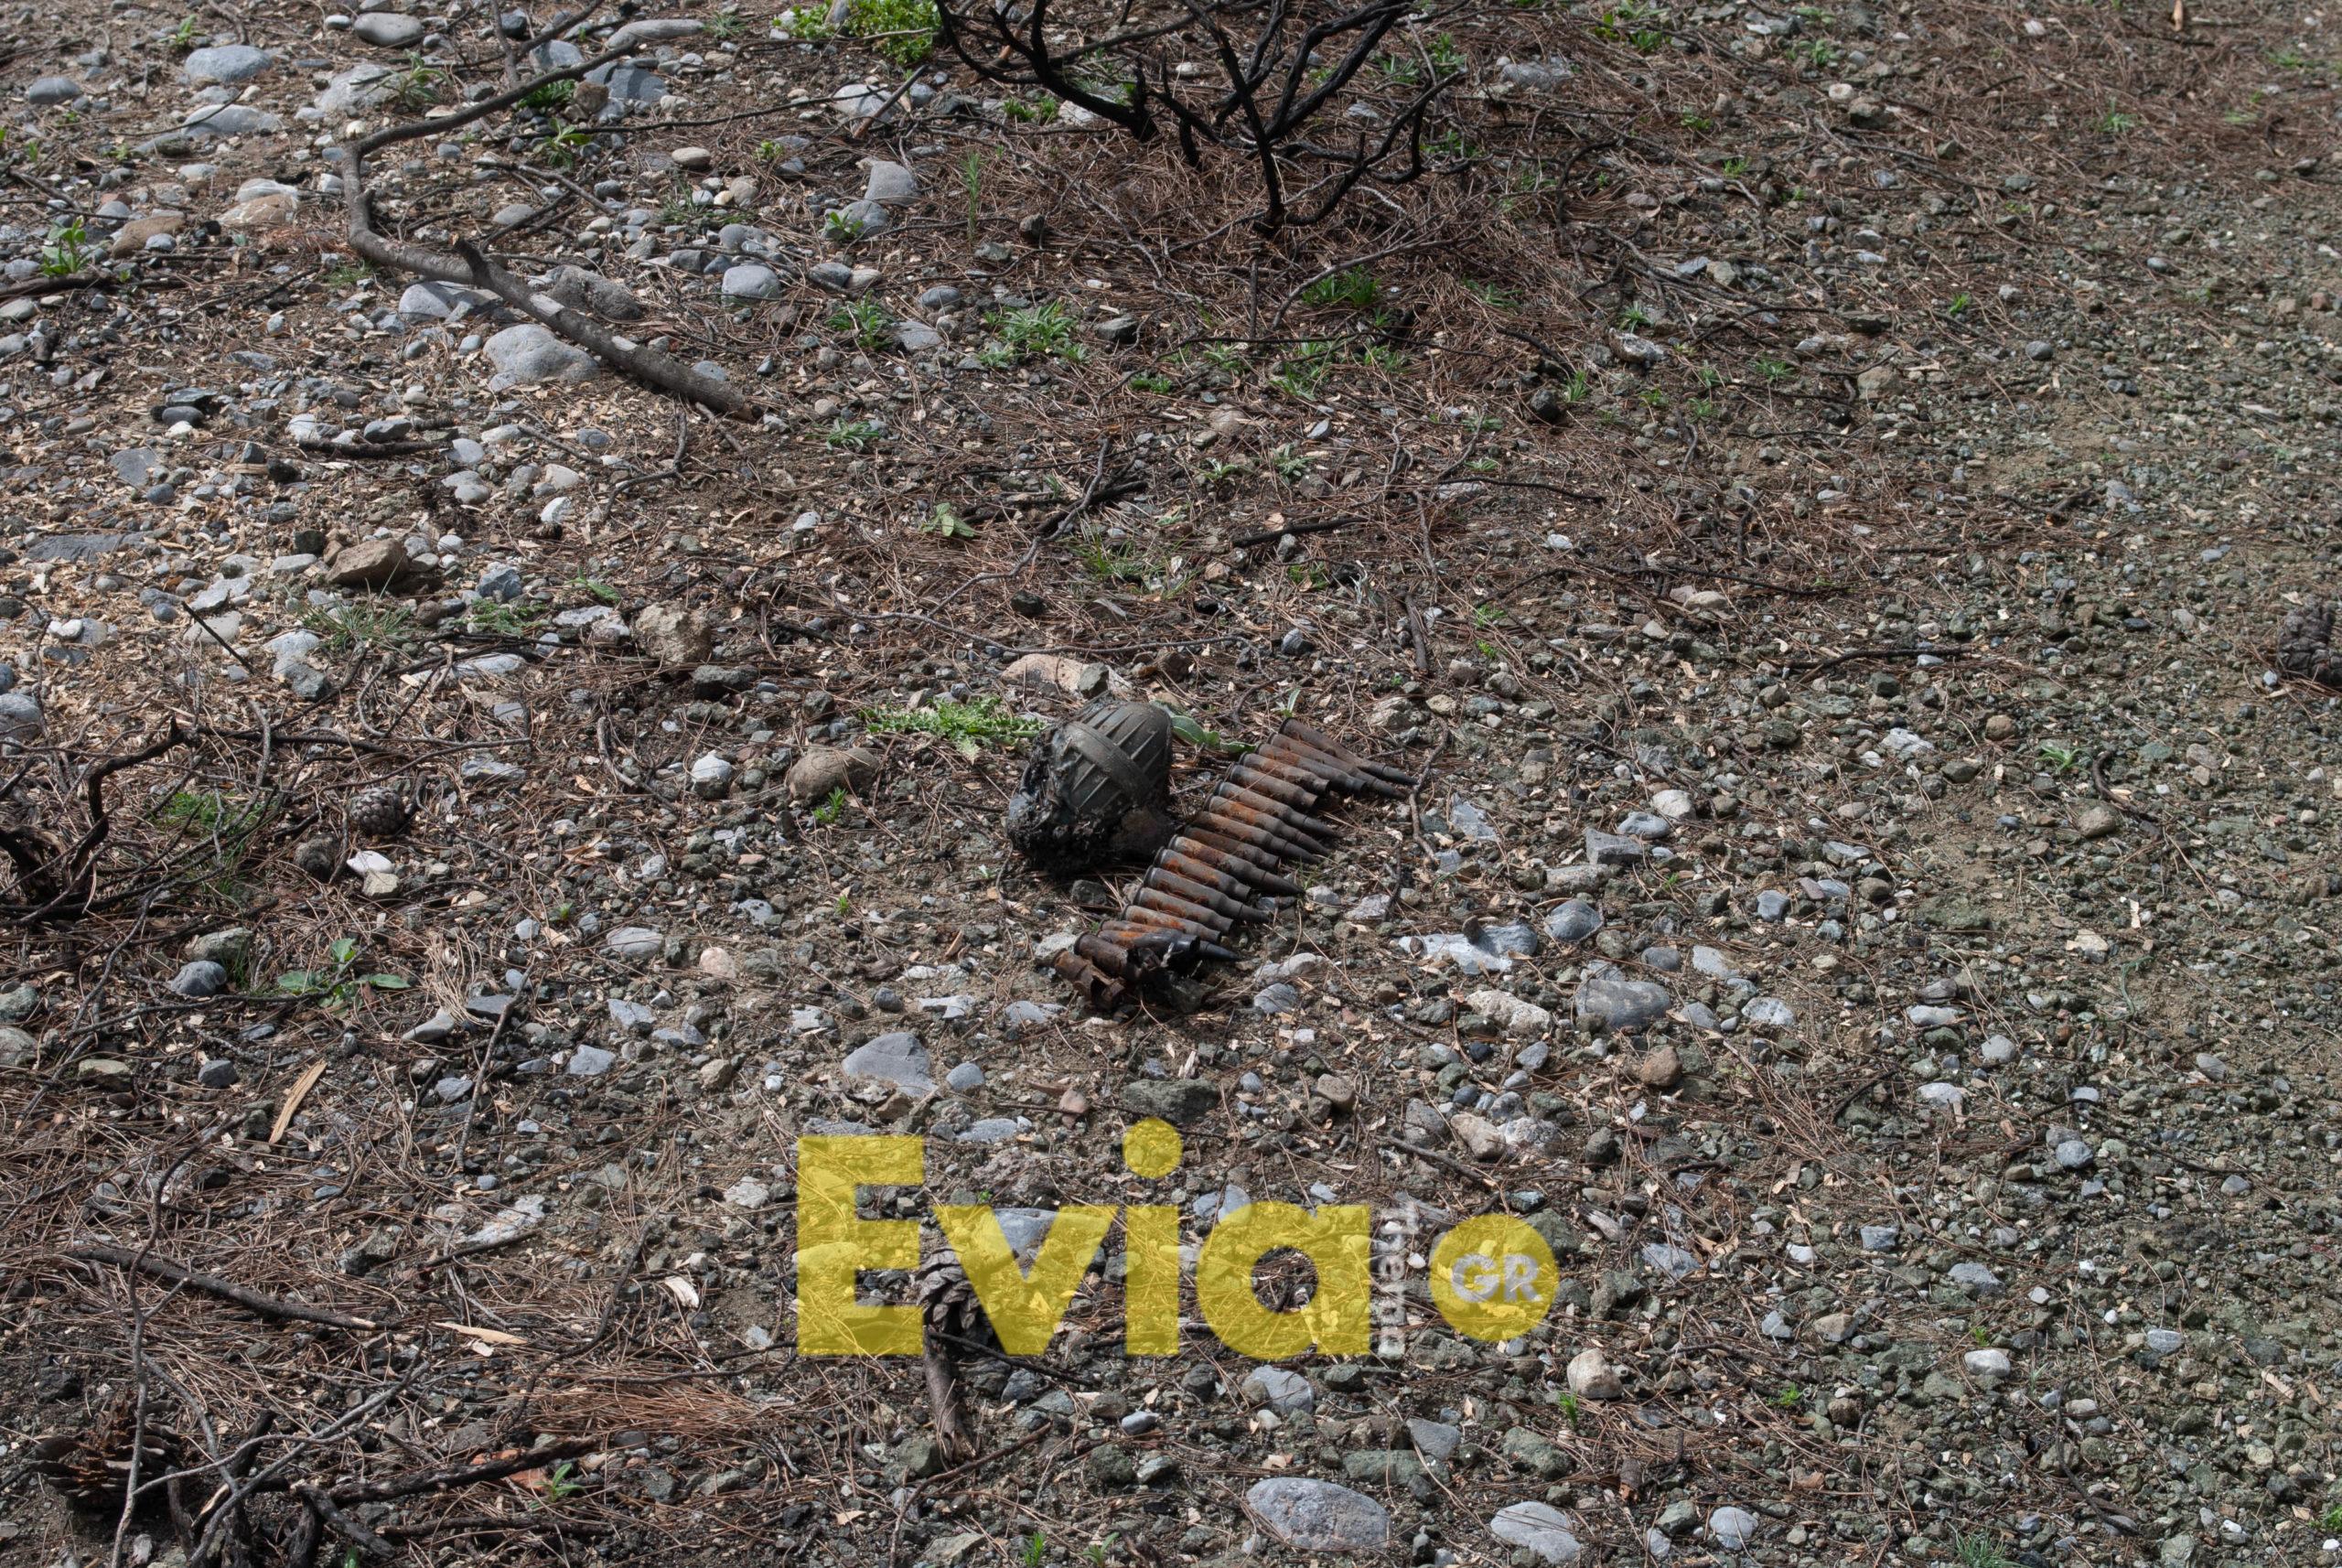 αναδάσωση μακρυμάλλη ΑΠΟΚΛΕΙΣΤΙΚΟ – Μακρυμάλλι Ευβοίας: Βρέθηκε χειροβομβίδα στην περιοχή της αναδάσωσης (Φωτογραφίες – Βίντεο) DSC 0253 scaled